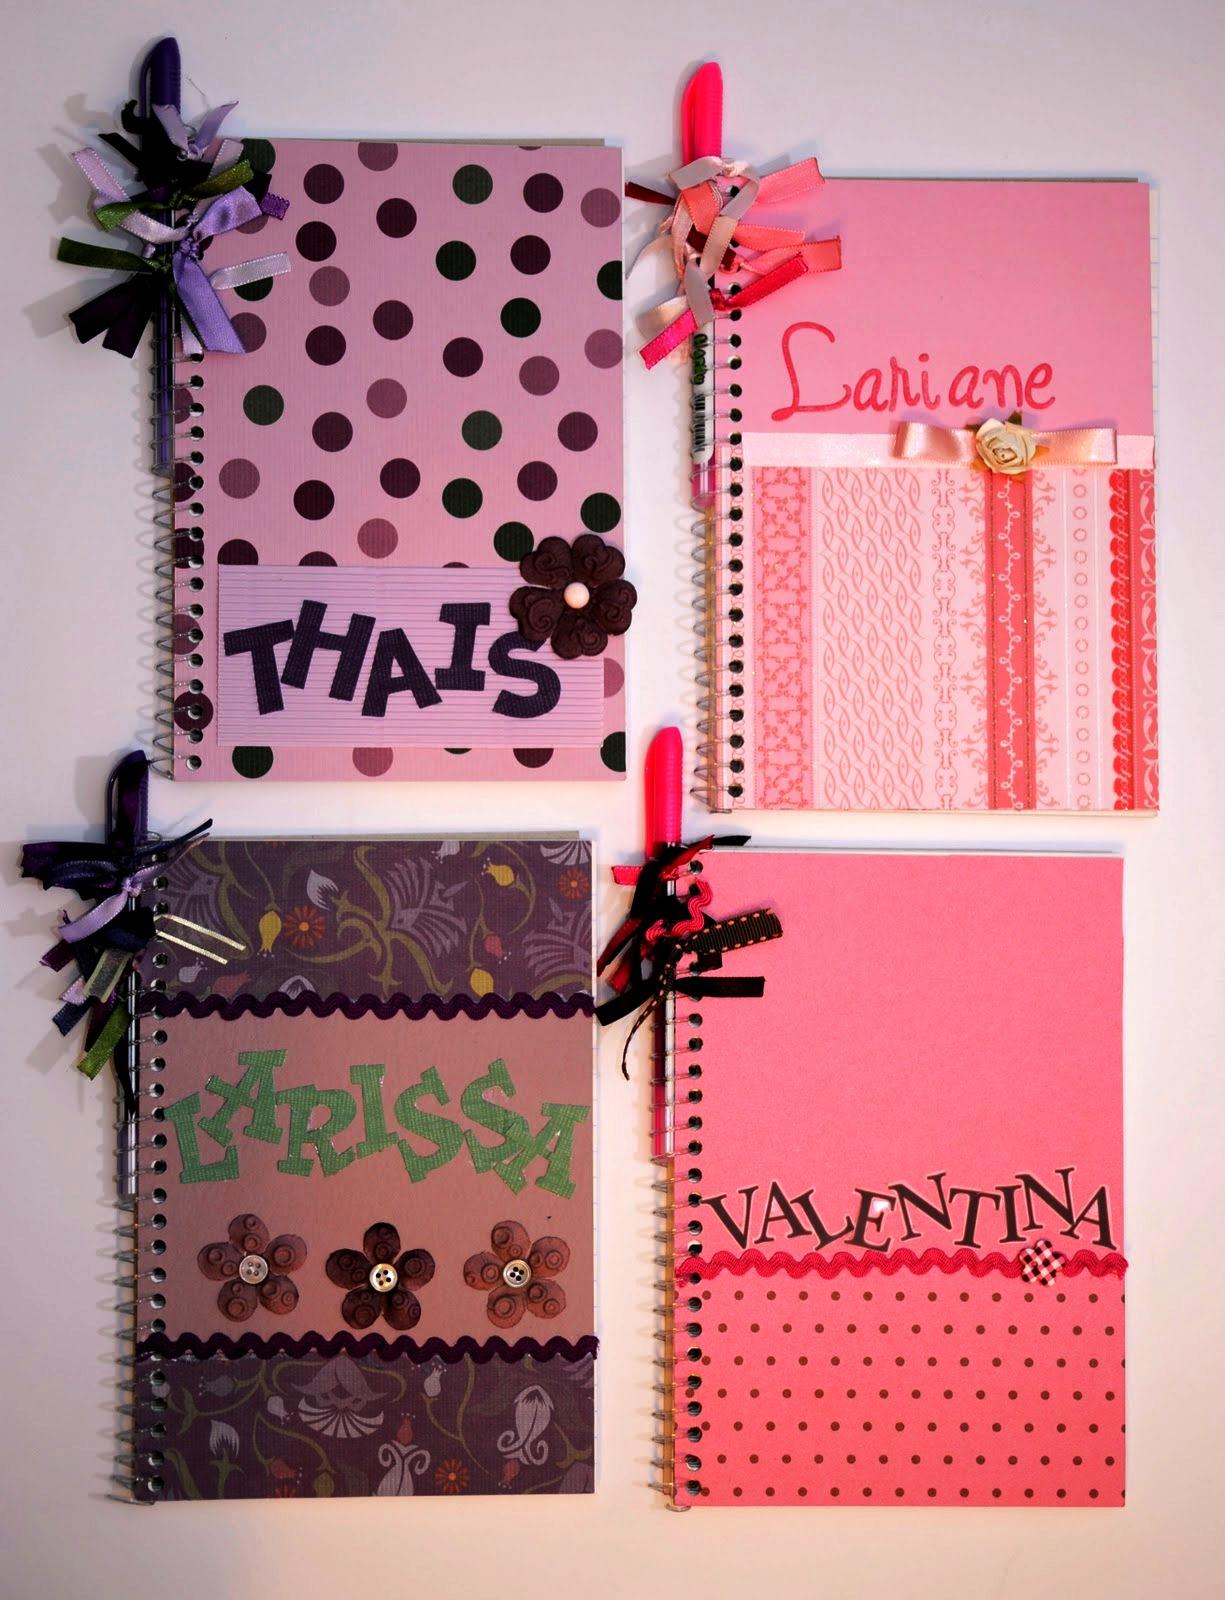 Como customizar cadernos de forma criativa 04